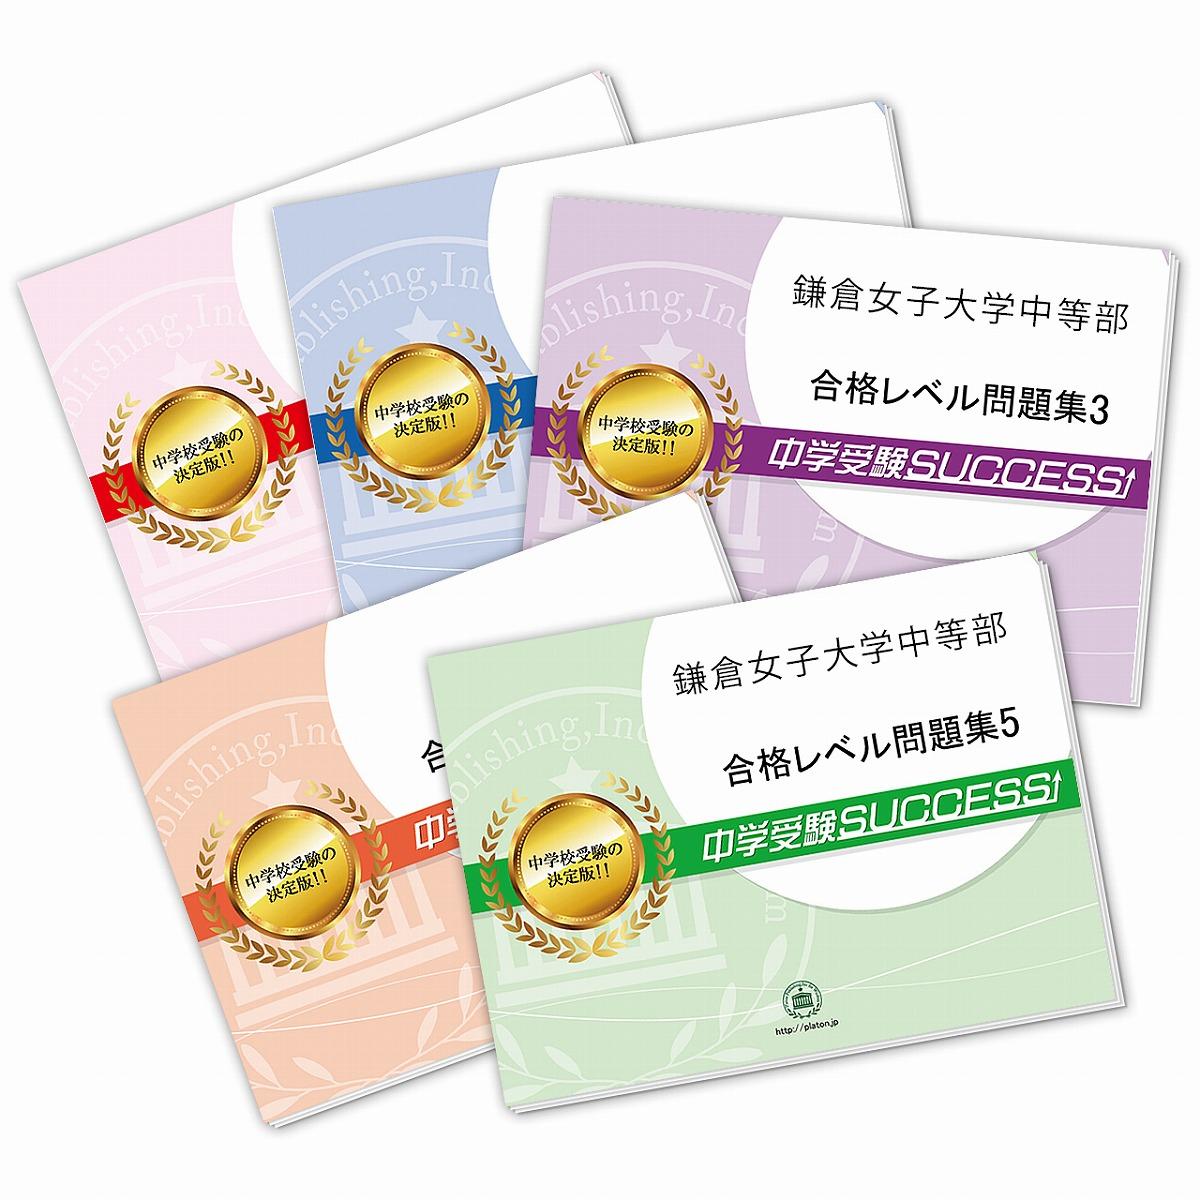 【送料・代引手数料無料】鎌倉女子大学中等部・直前対策合格セット(5冊)